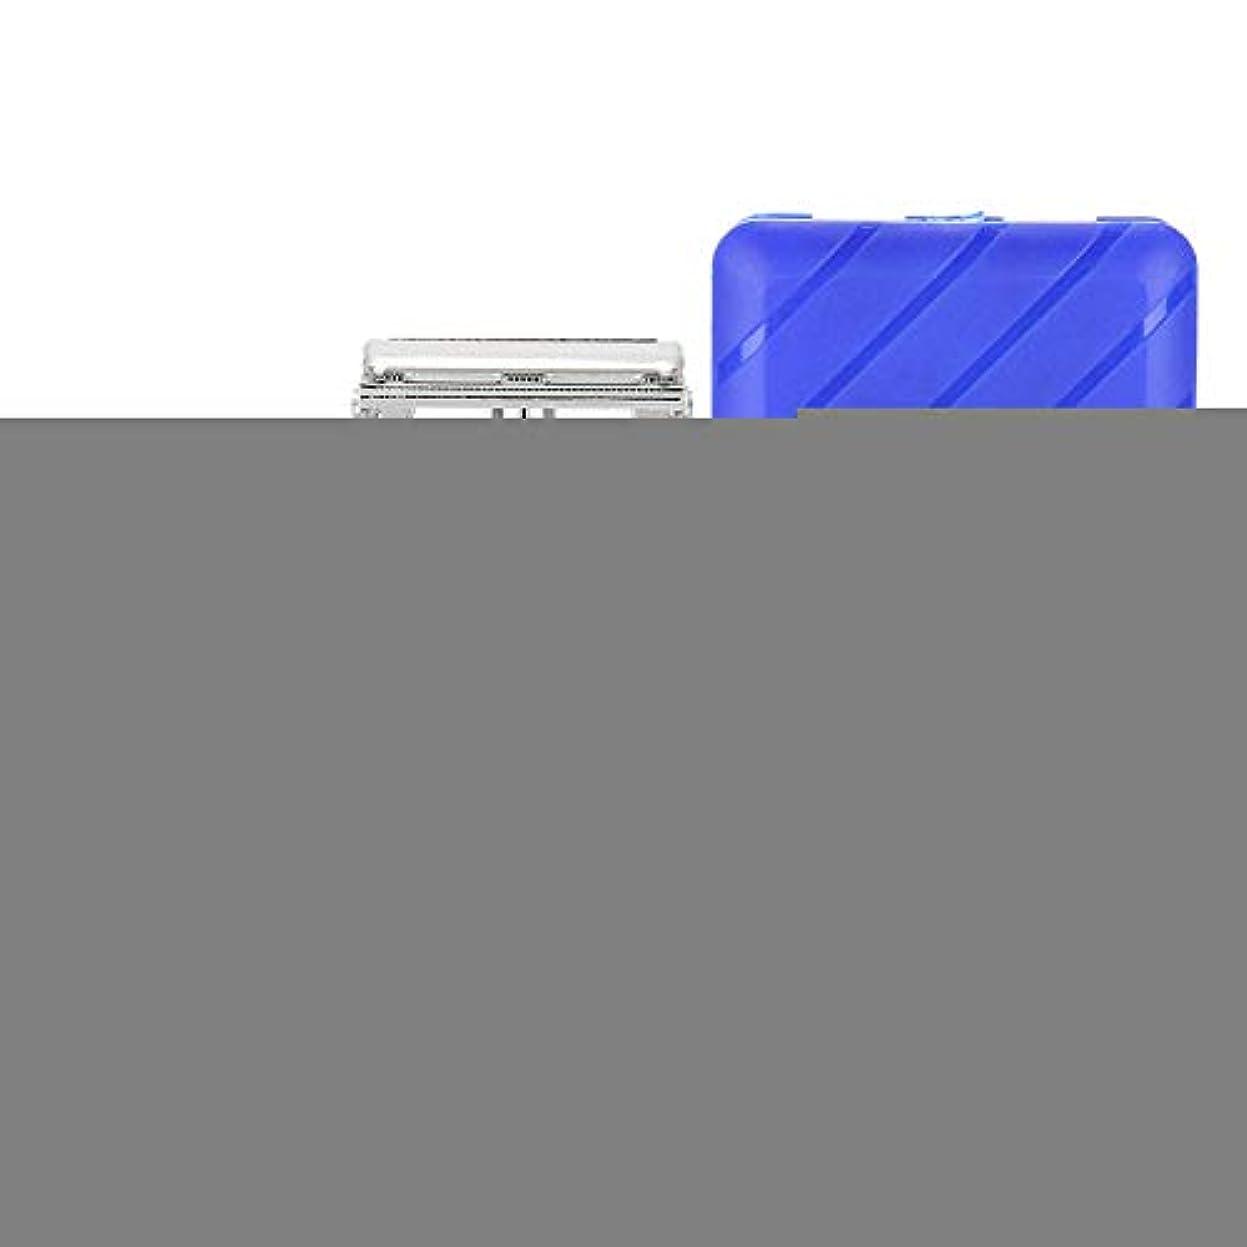 命令比べる間接的Semmeひげシェーピングツール、男性シェーバーセット手動メンズシェーバークラシックストレートダブルエッジブレードひげシェーバー付きケース